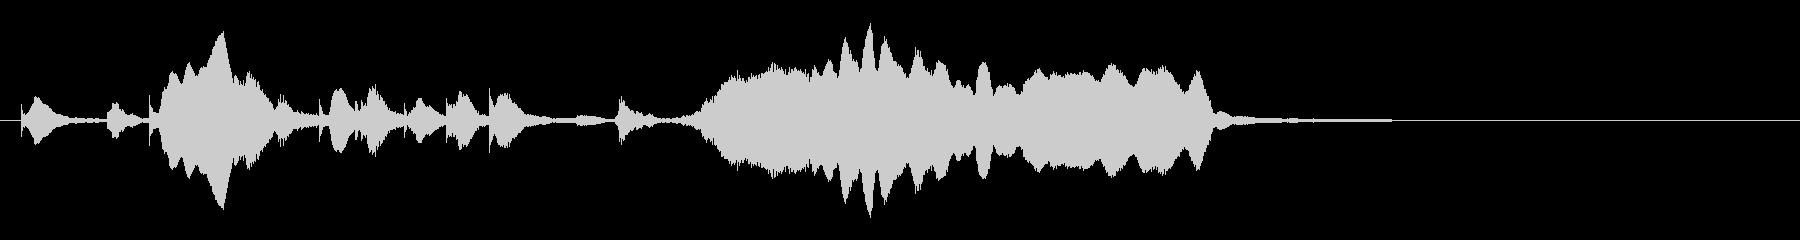 のほほんジングル022_ほのぼの+3の未再生の波形